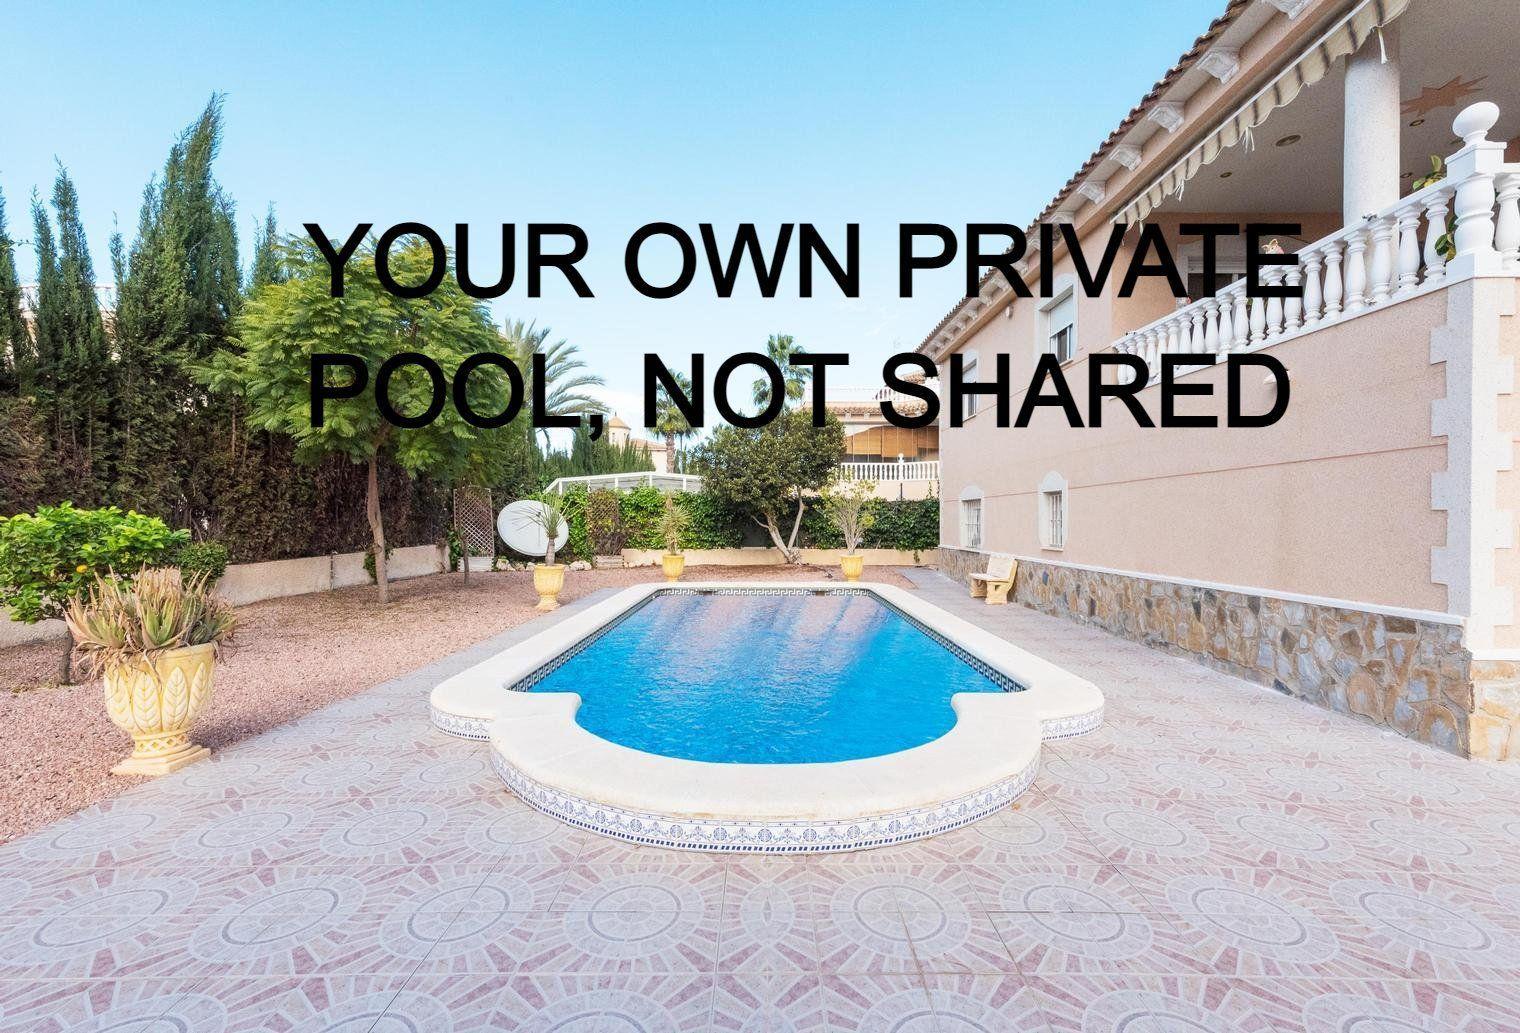 Ferienhaus mit Privatpool für 5 Personen ca.